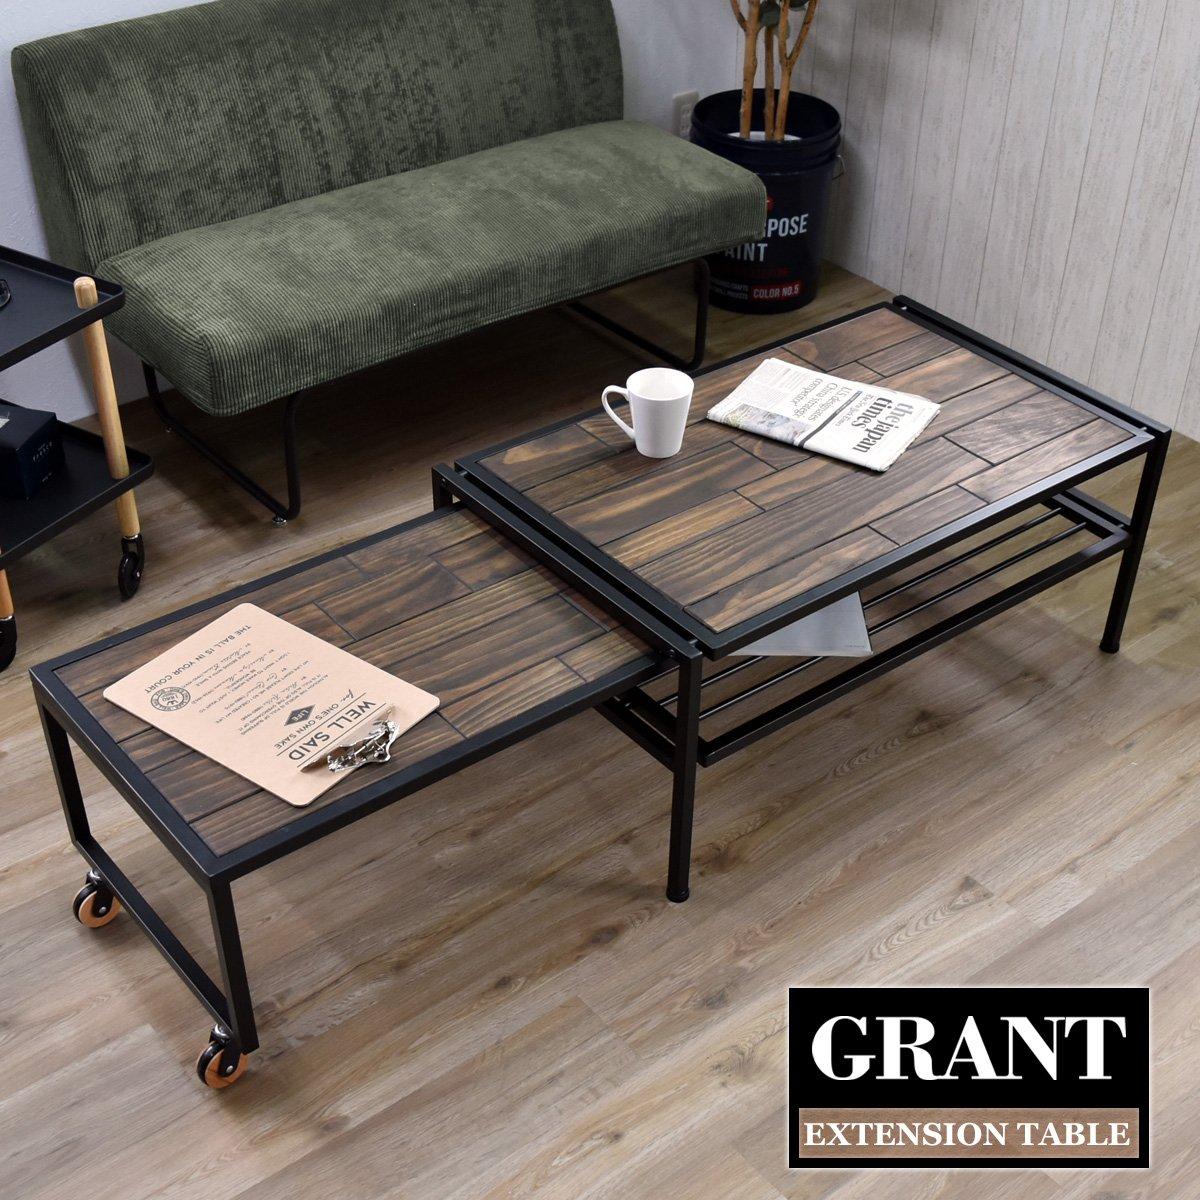 伸縮テーブル 天然木 テーブル ローテーブル リビングテーブル 北欧 木製 アイアン おしゃれ オイル アンティーク 植物性オイル 塗装 モダン スタイリッシュ ナチュラル